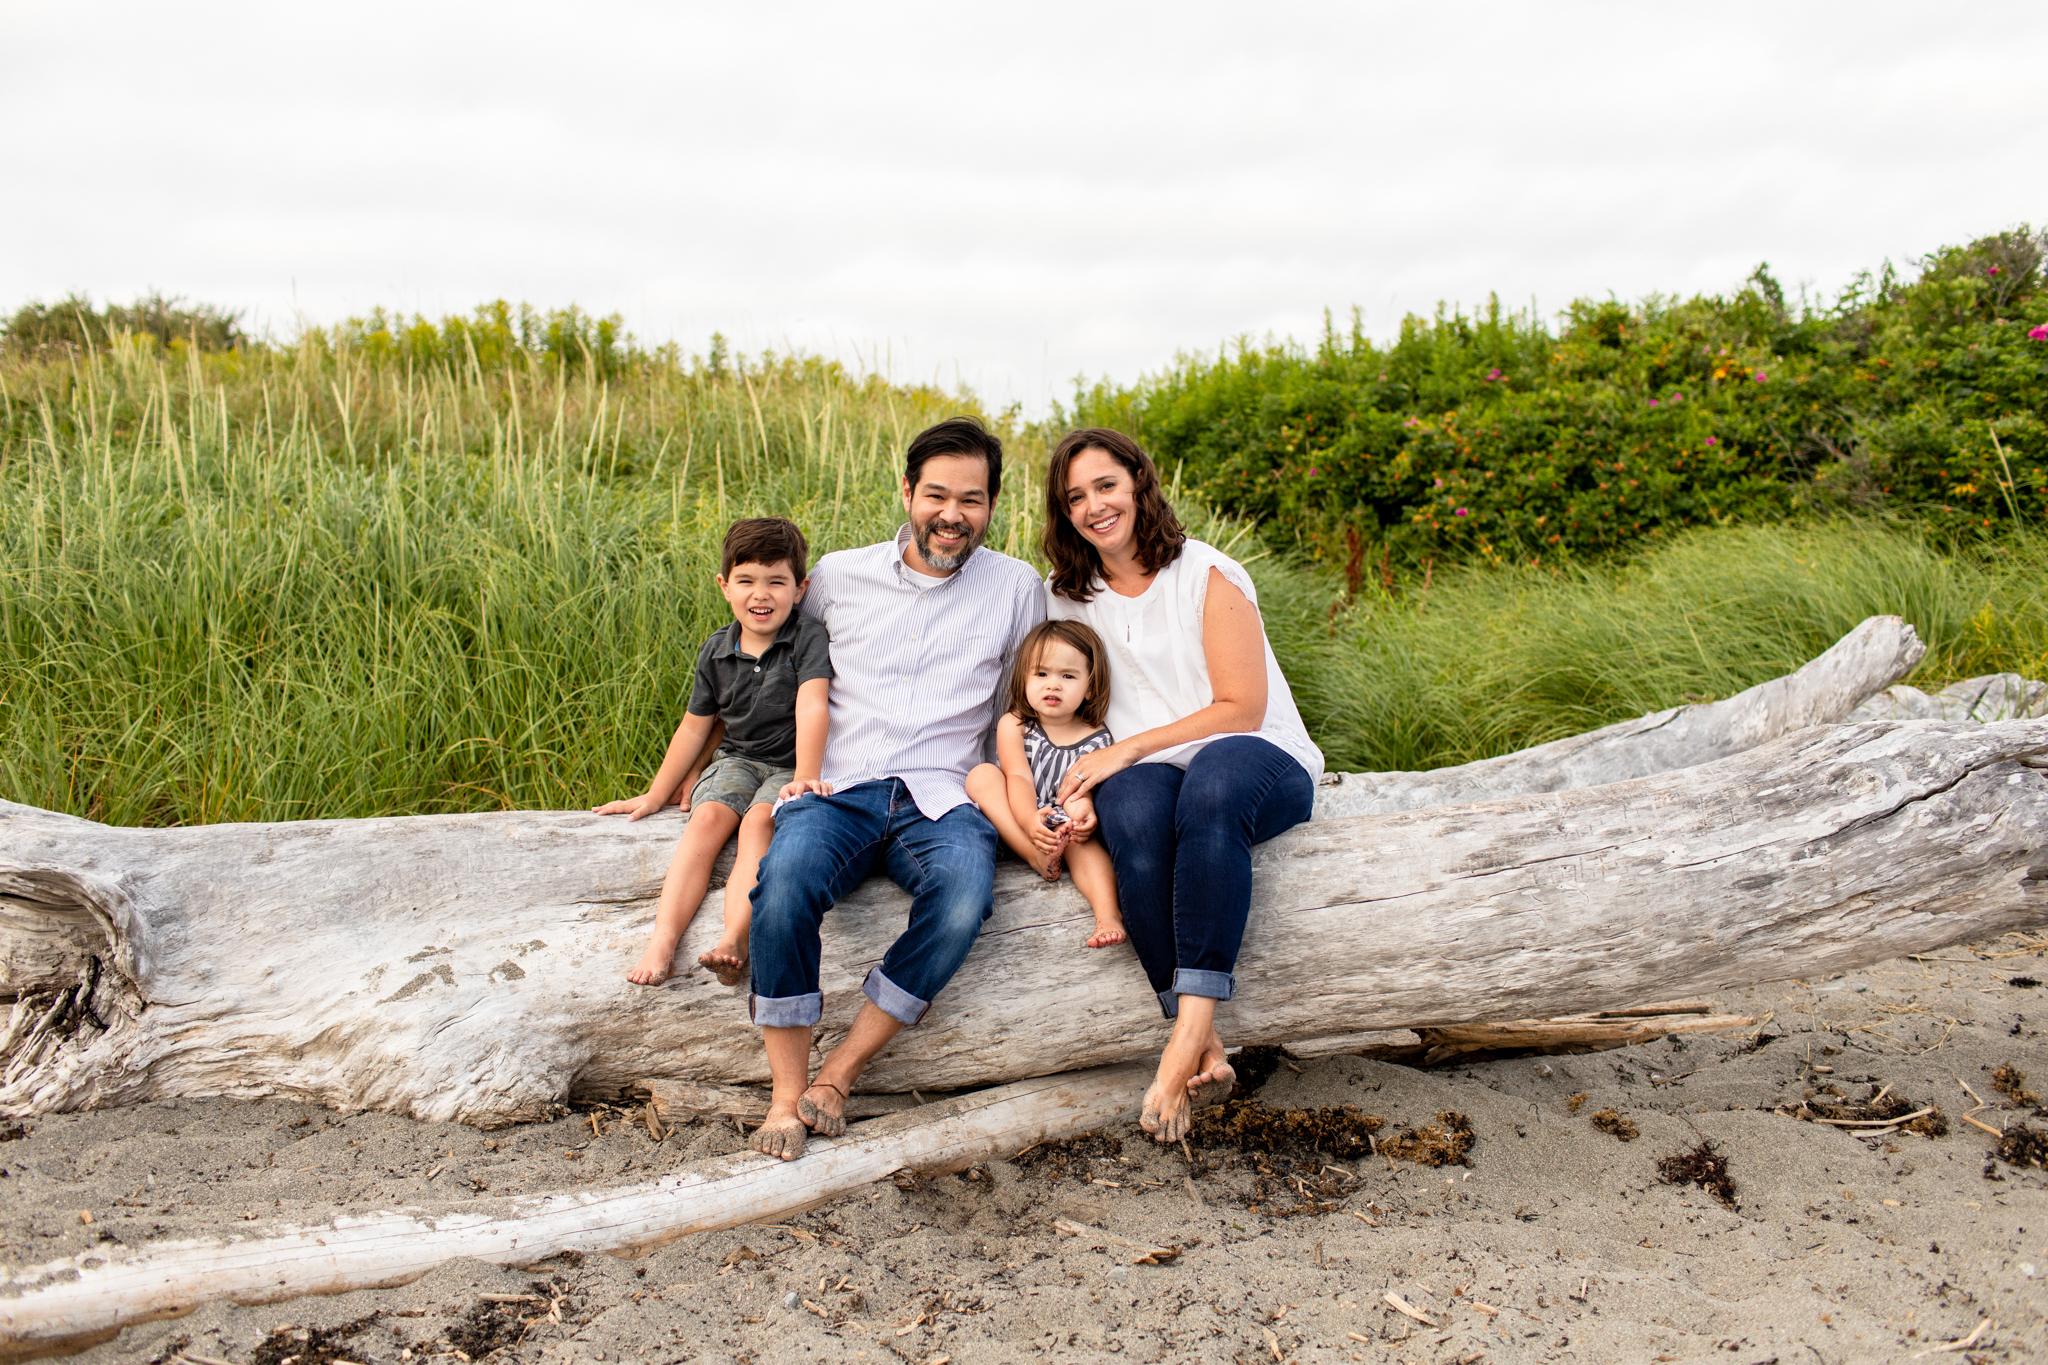 maine-family-photographer-beach-lifestyle -34.jpg